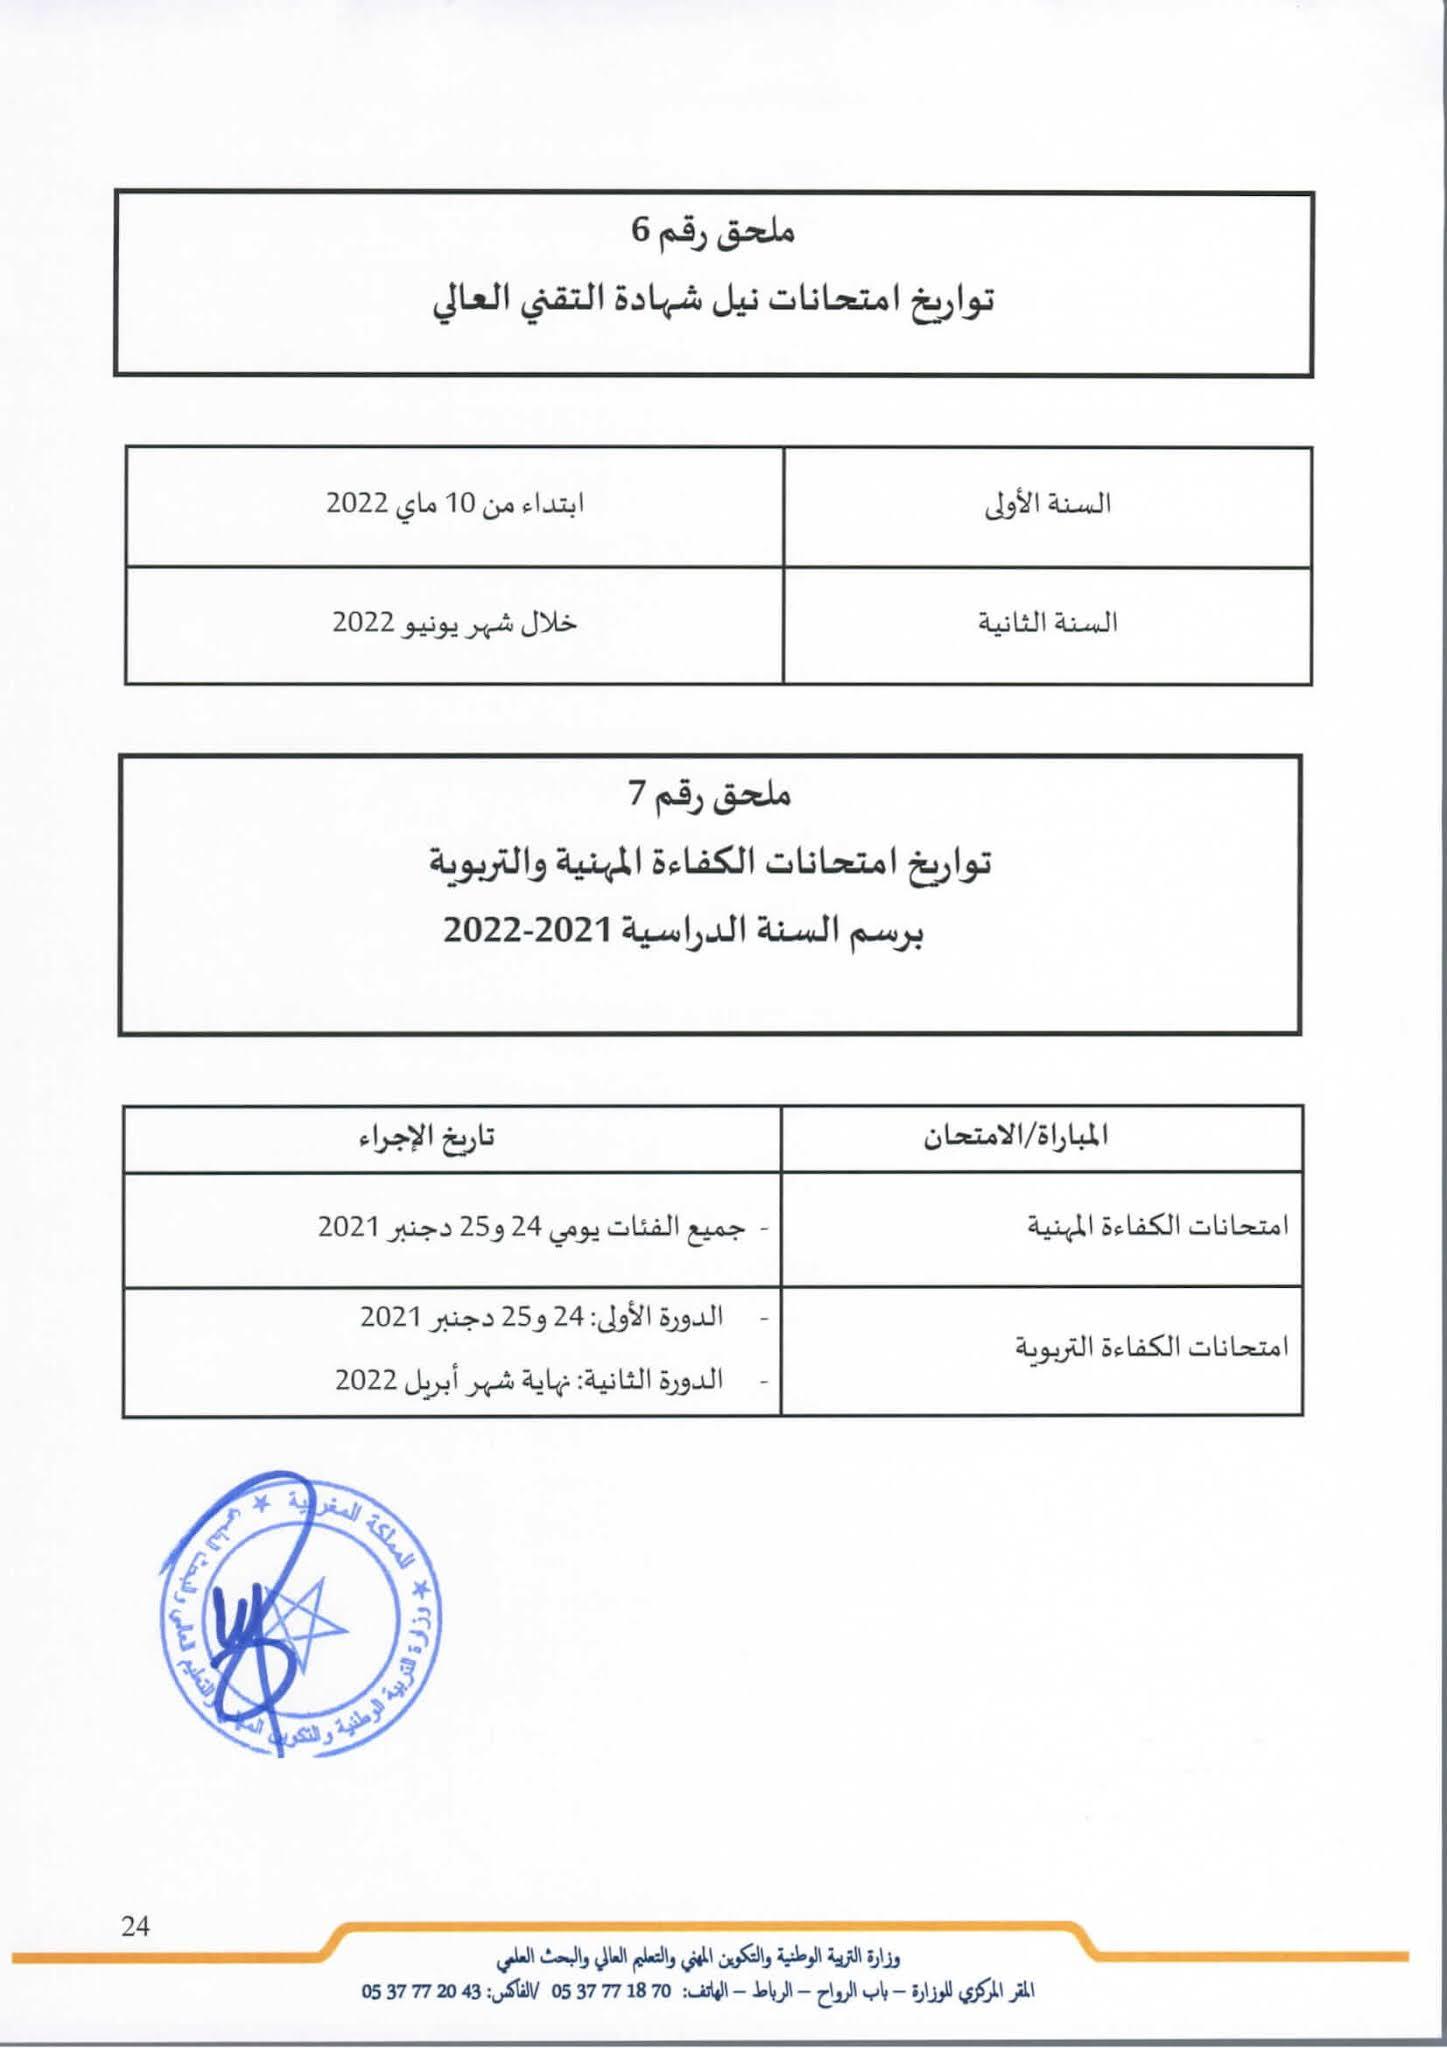 تواريخ امتحانات نيل شهادة التقني العالي 2021 2022